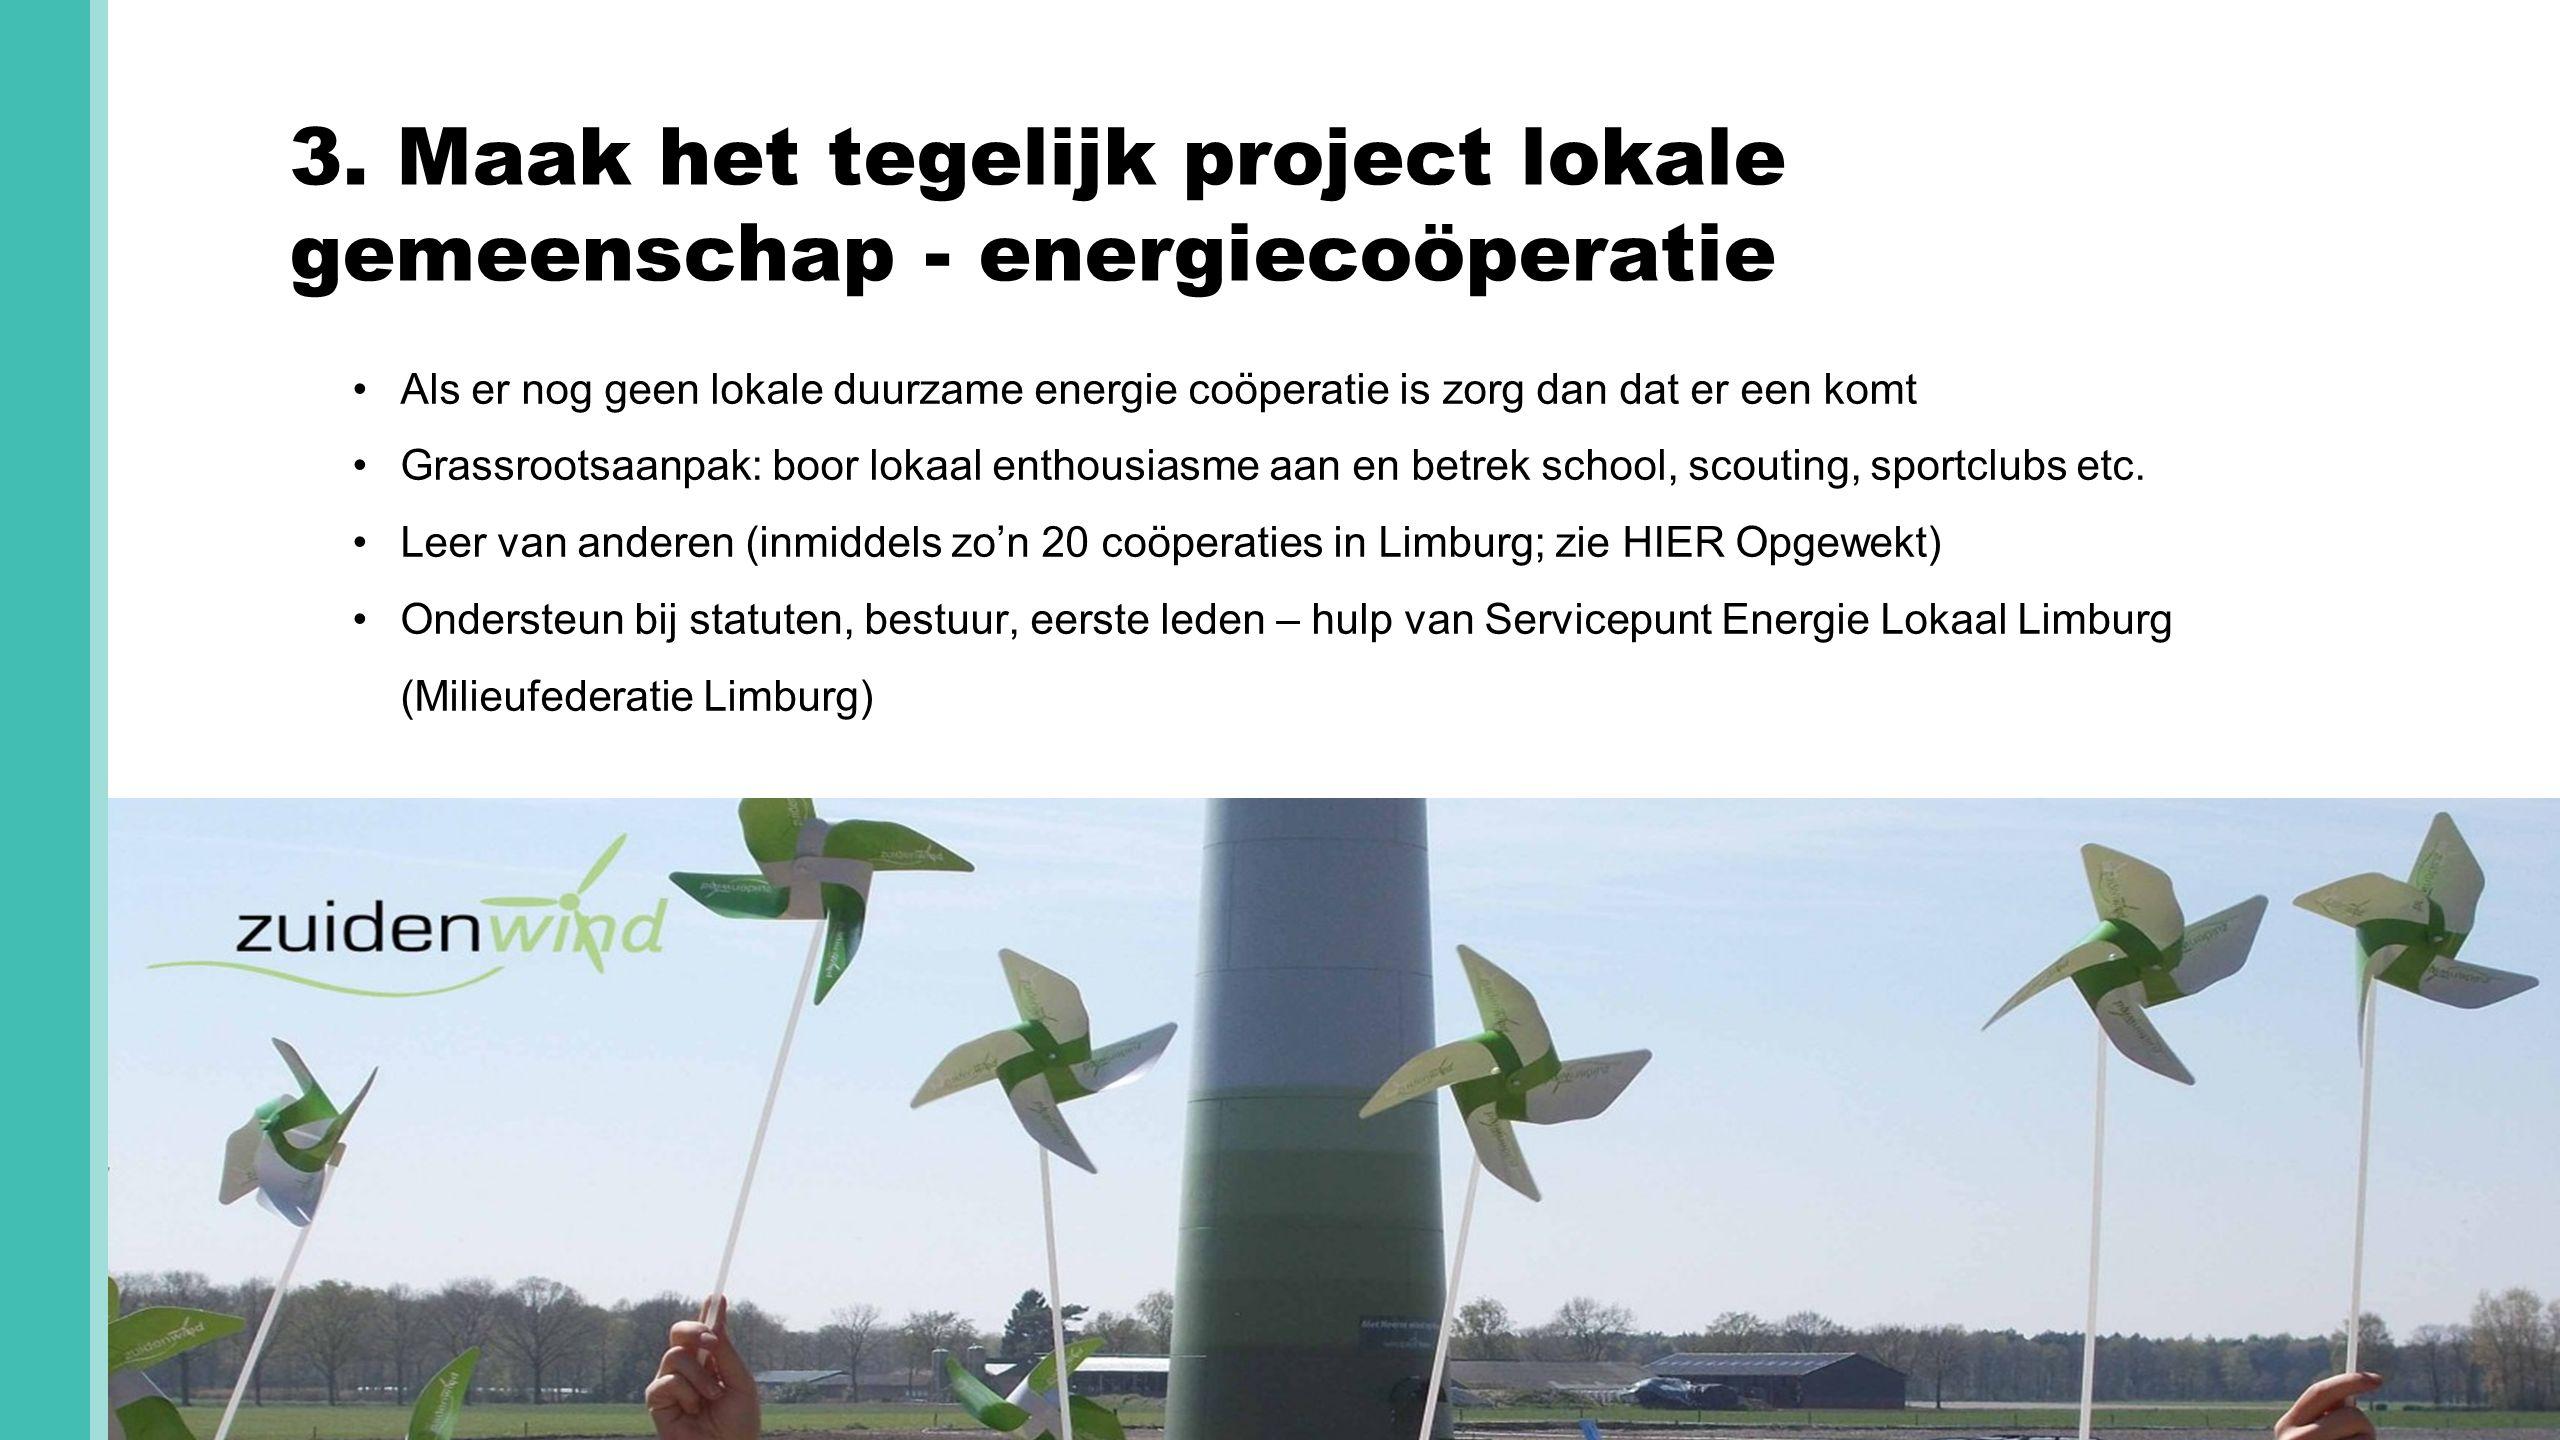 3. Maak het tegelijk project lokale gemeenschap - energiecoöperatie Hoe eenvoudigein vorm, hoe beter. Als er nog geen lokale duurzame energie coöperat